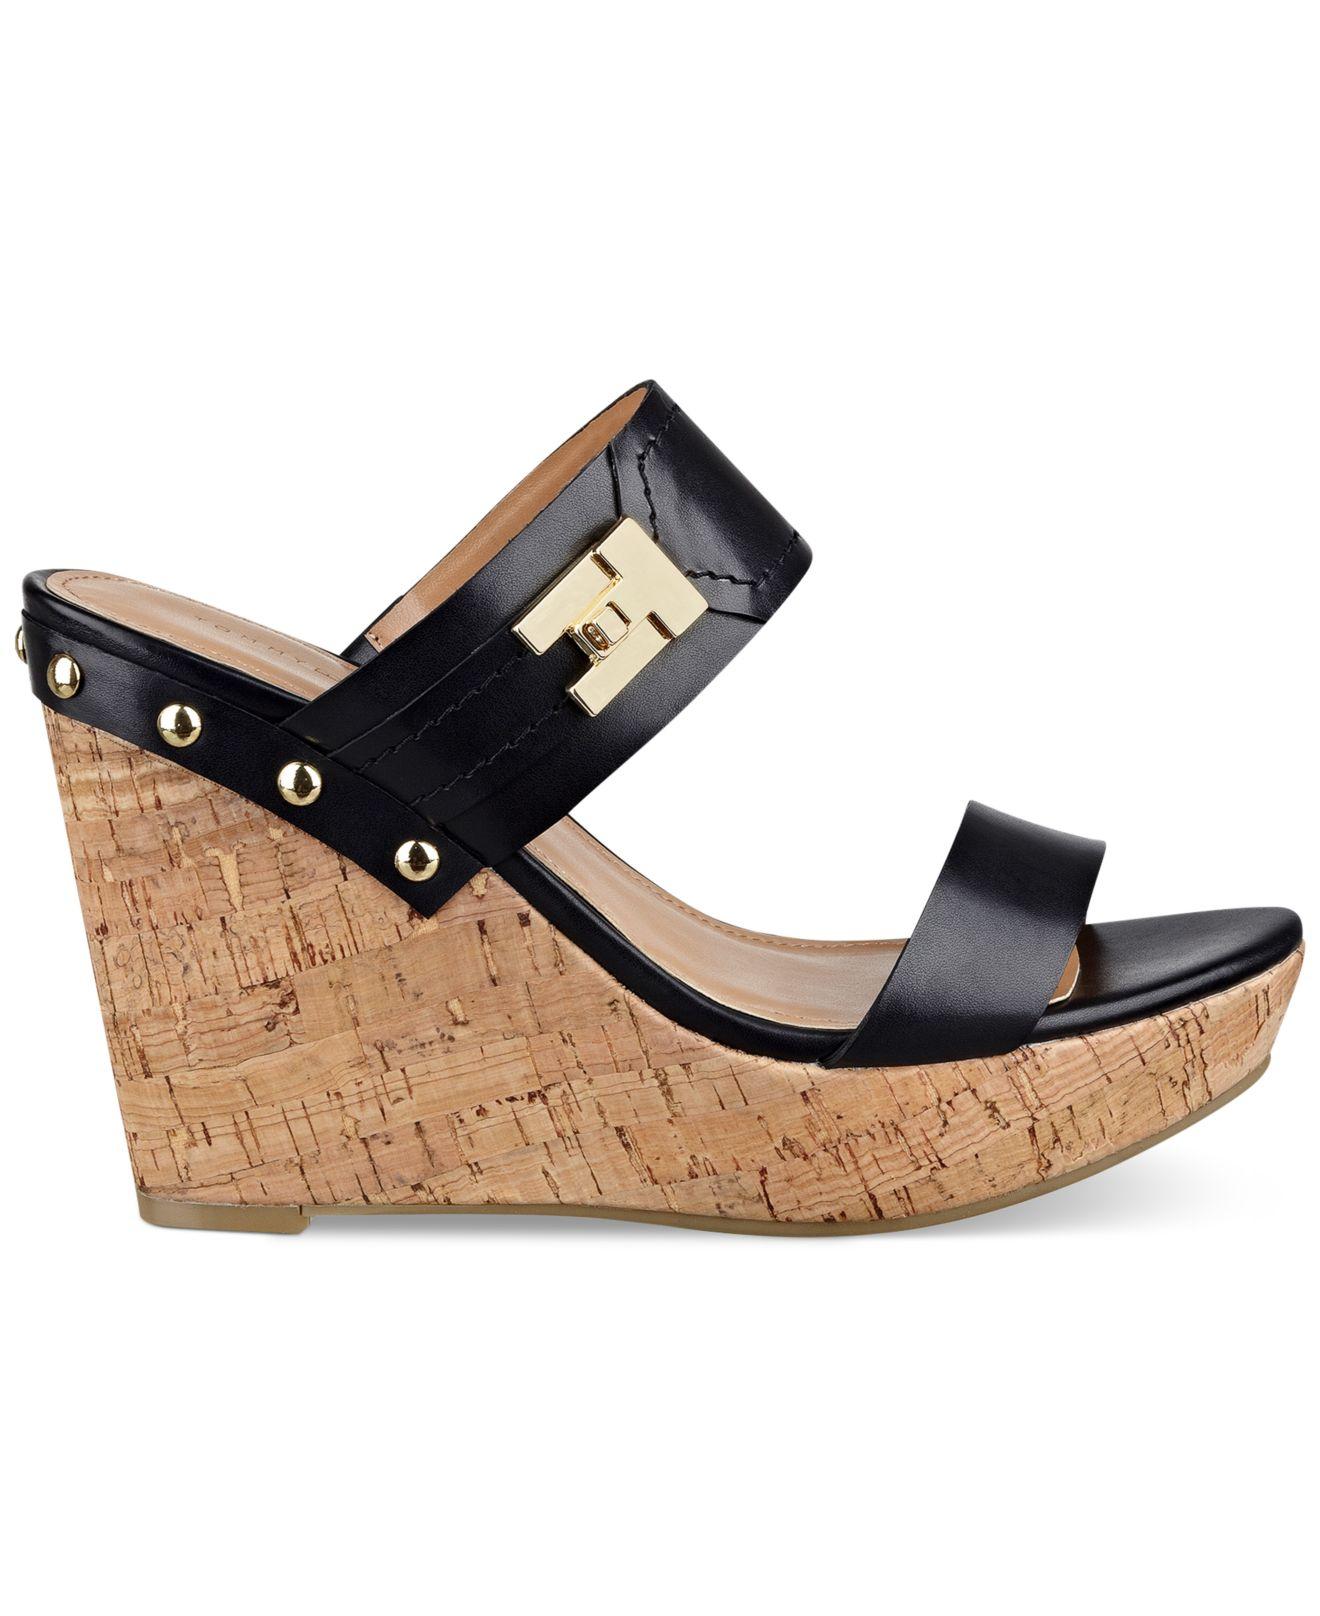 6482de9a2884 Lyst - Tommy Hilfiger Women s Madasen Platform Wedge Sandals in Black